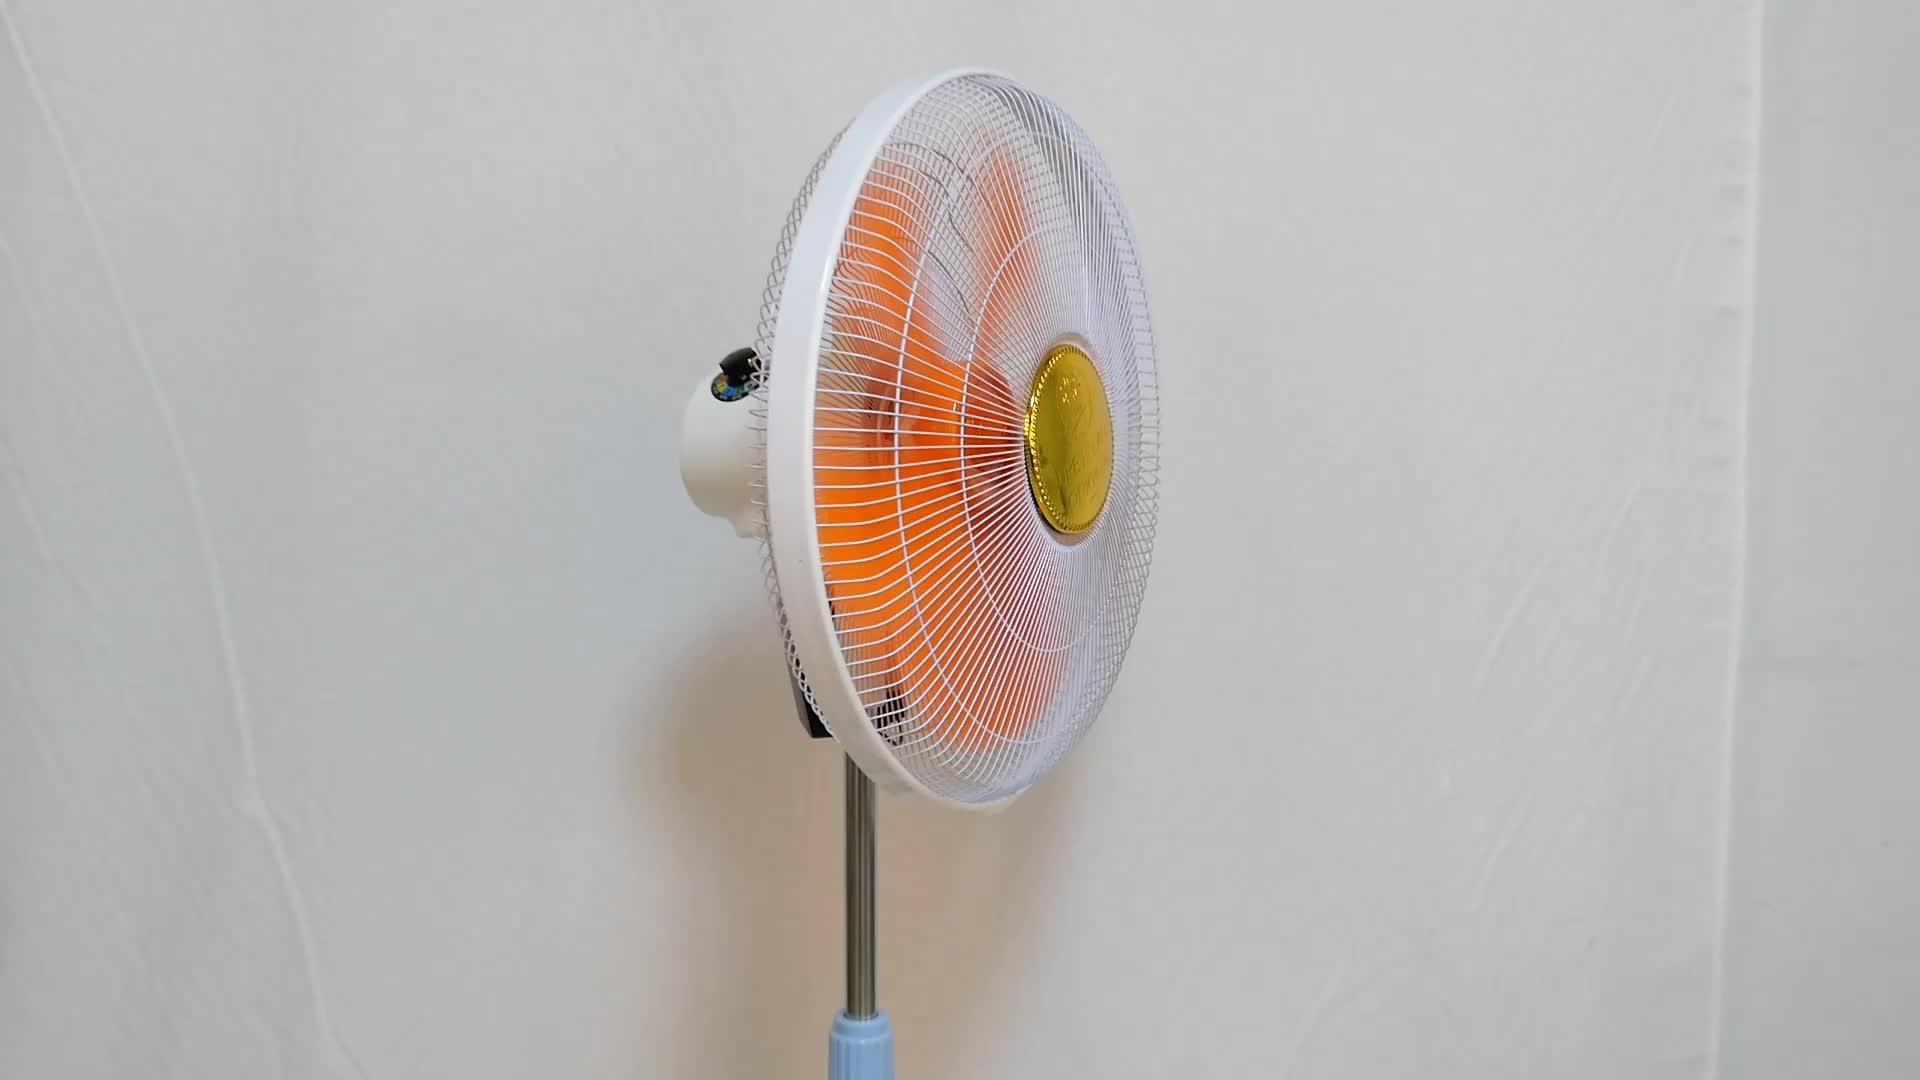 ソーラー充電プラスチック空気循環台座 12v 直流電動ファン